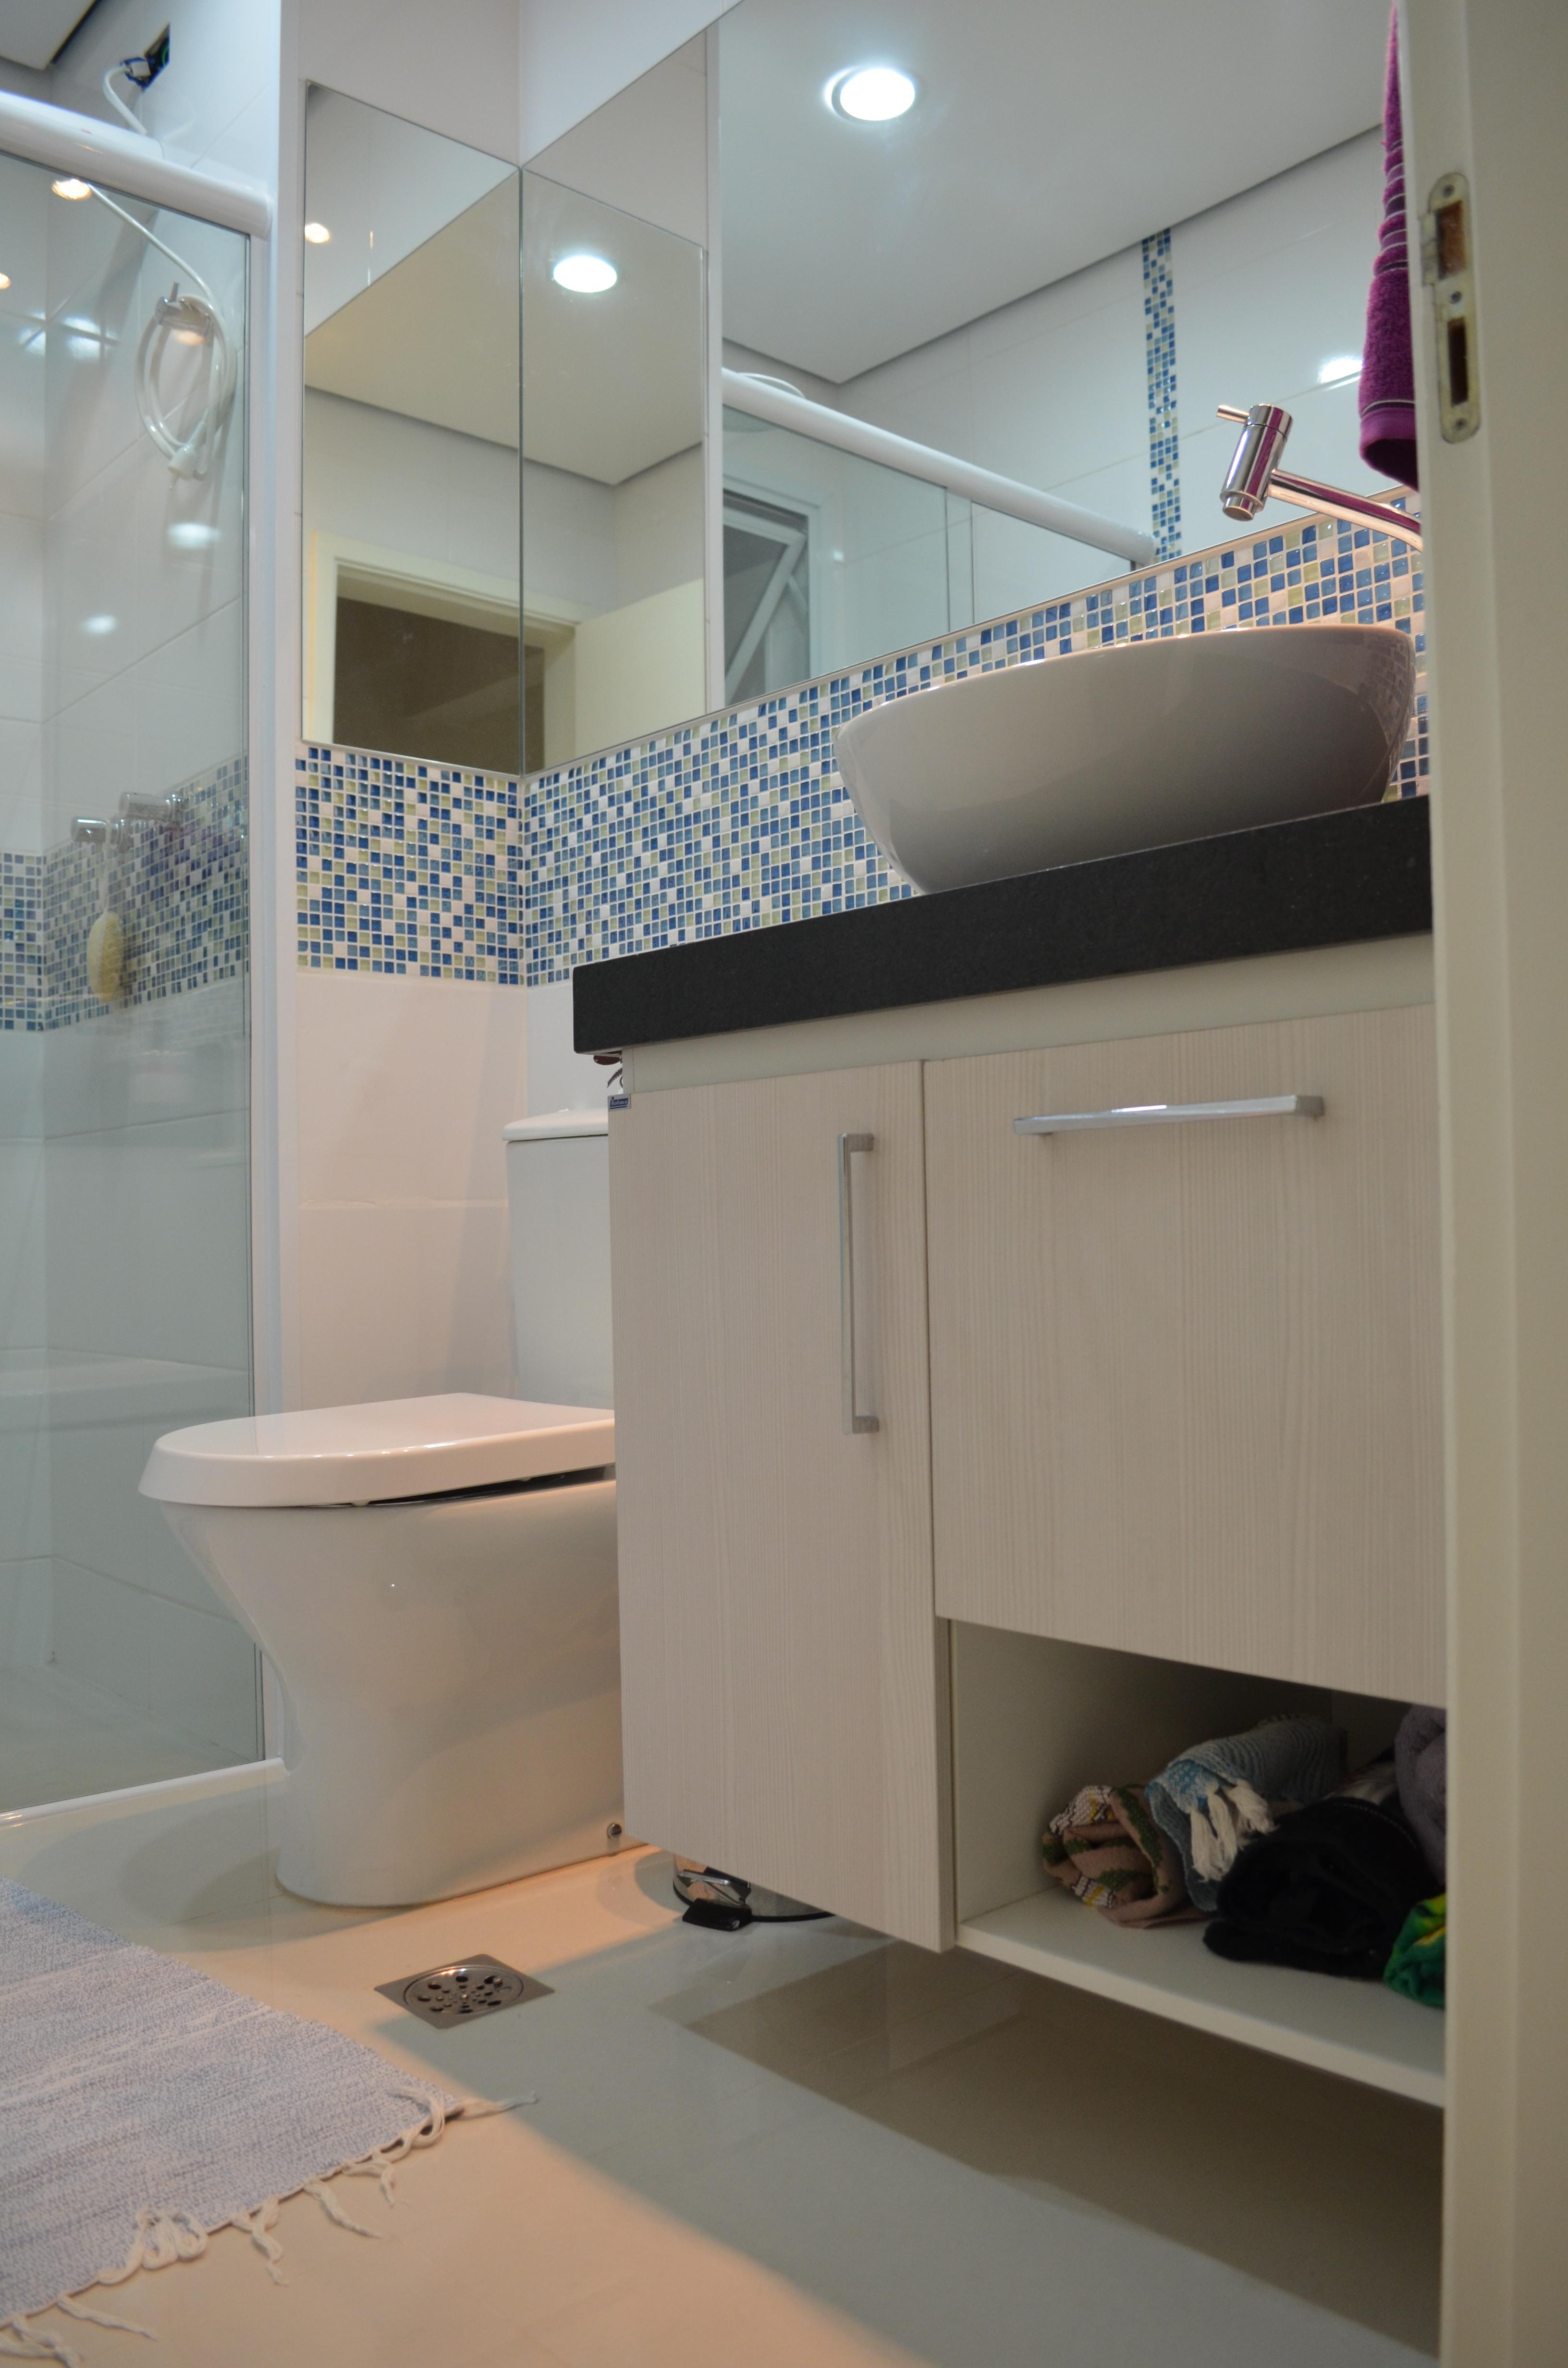 Reforma banheiro social  Mogi das Cruzes LA LINEA #7D624E 3264 4928